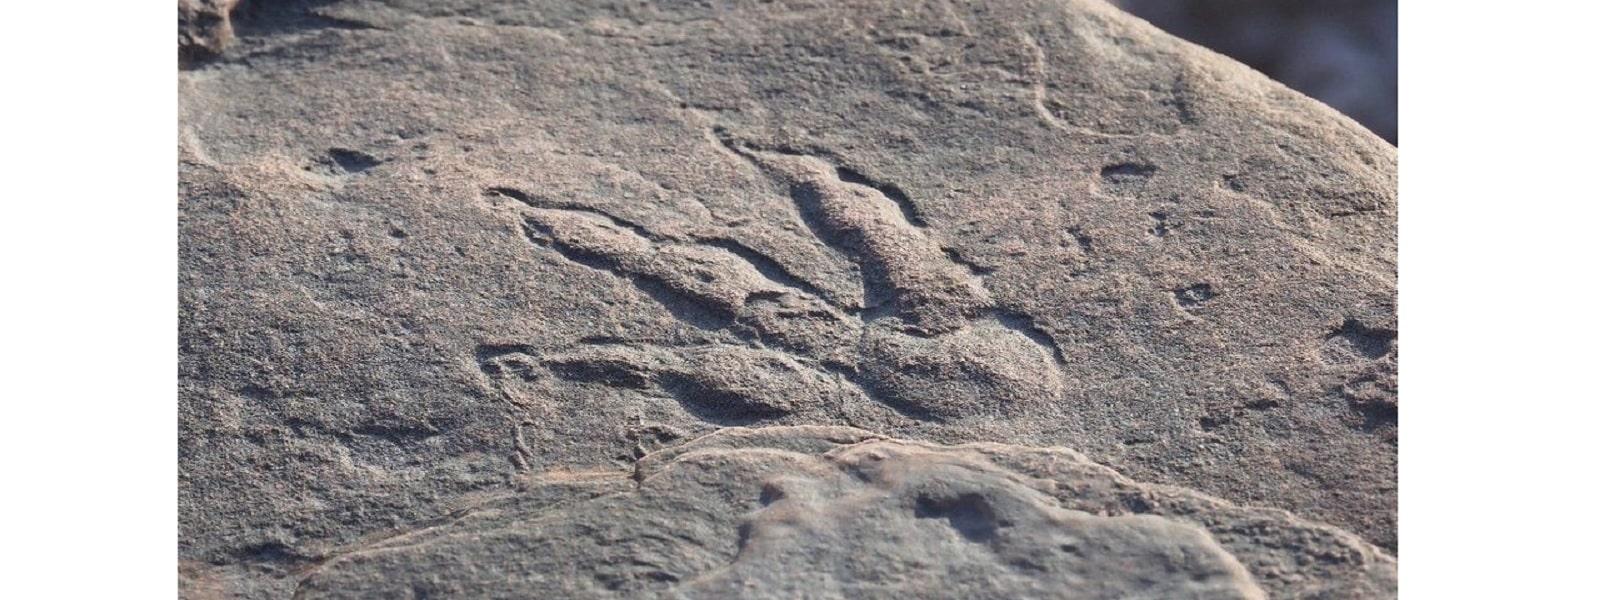 பிரித்தானியாவில் 4 வயது சிறுமியால் 22 கோடி ஆண்டுகள் பழமையான டைனோசரின் காலடித் தடம் கண்டுபிடிப்பு